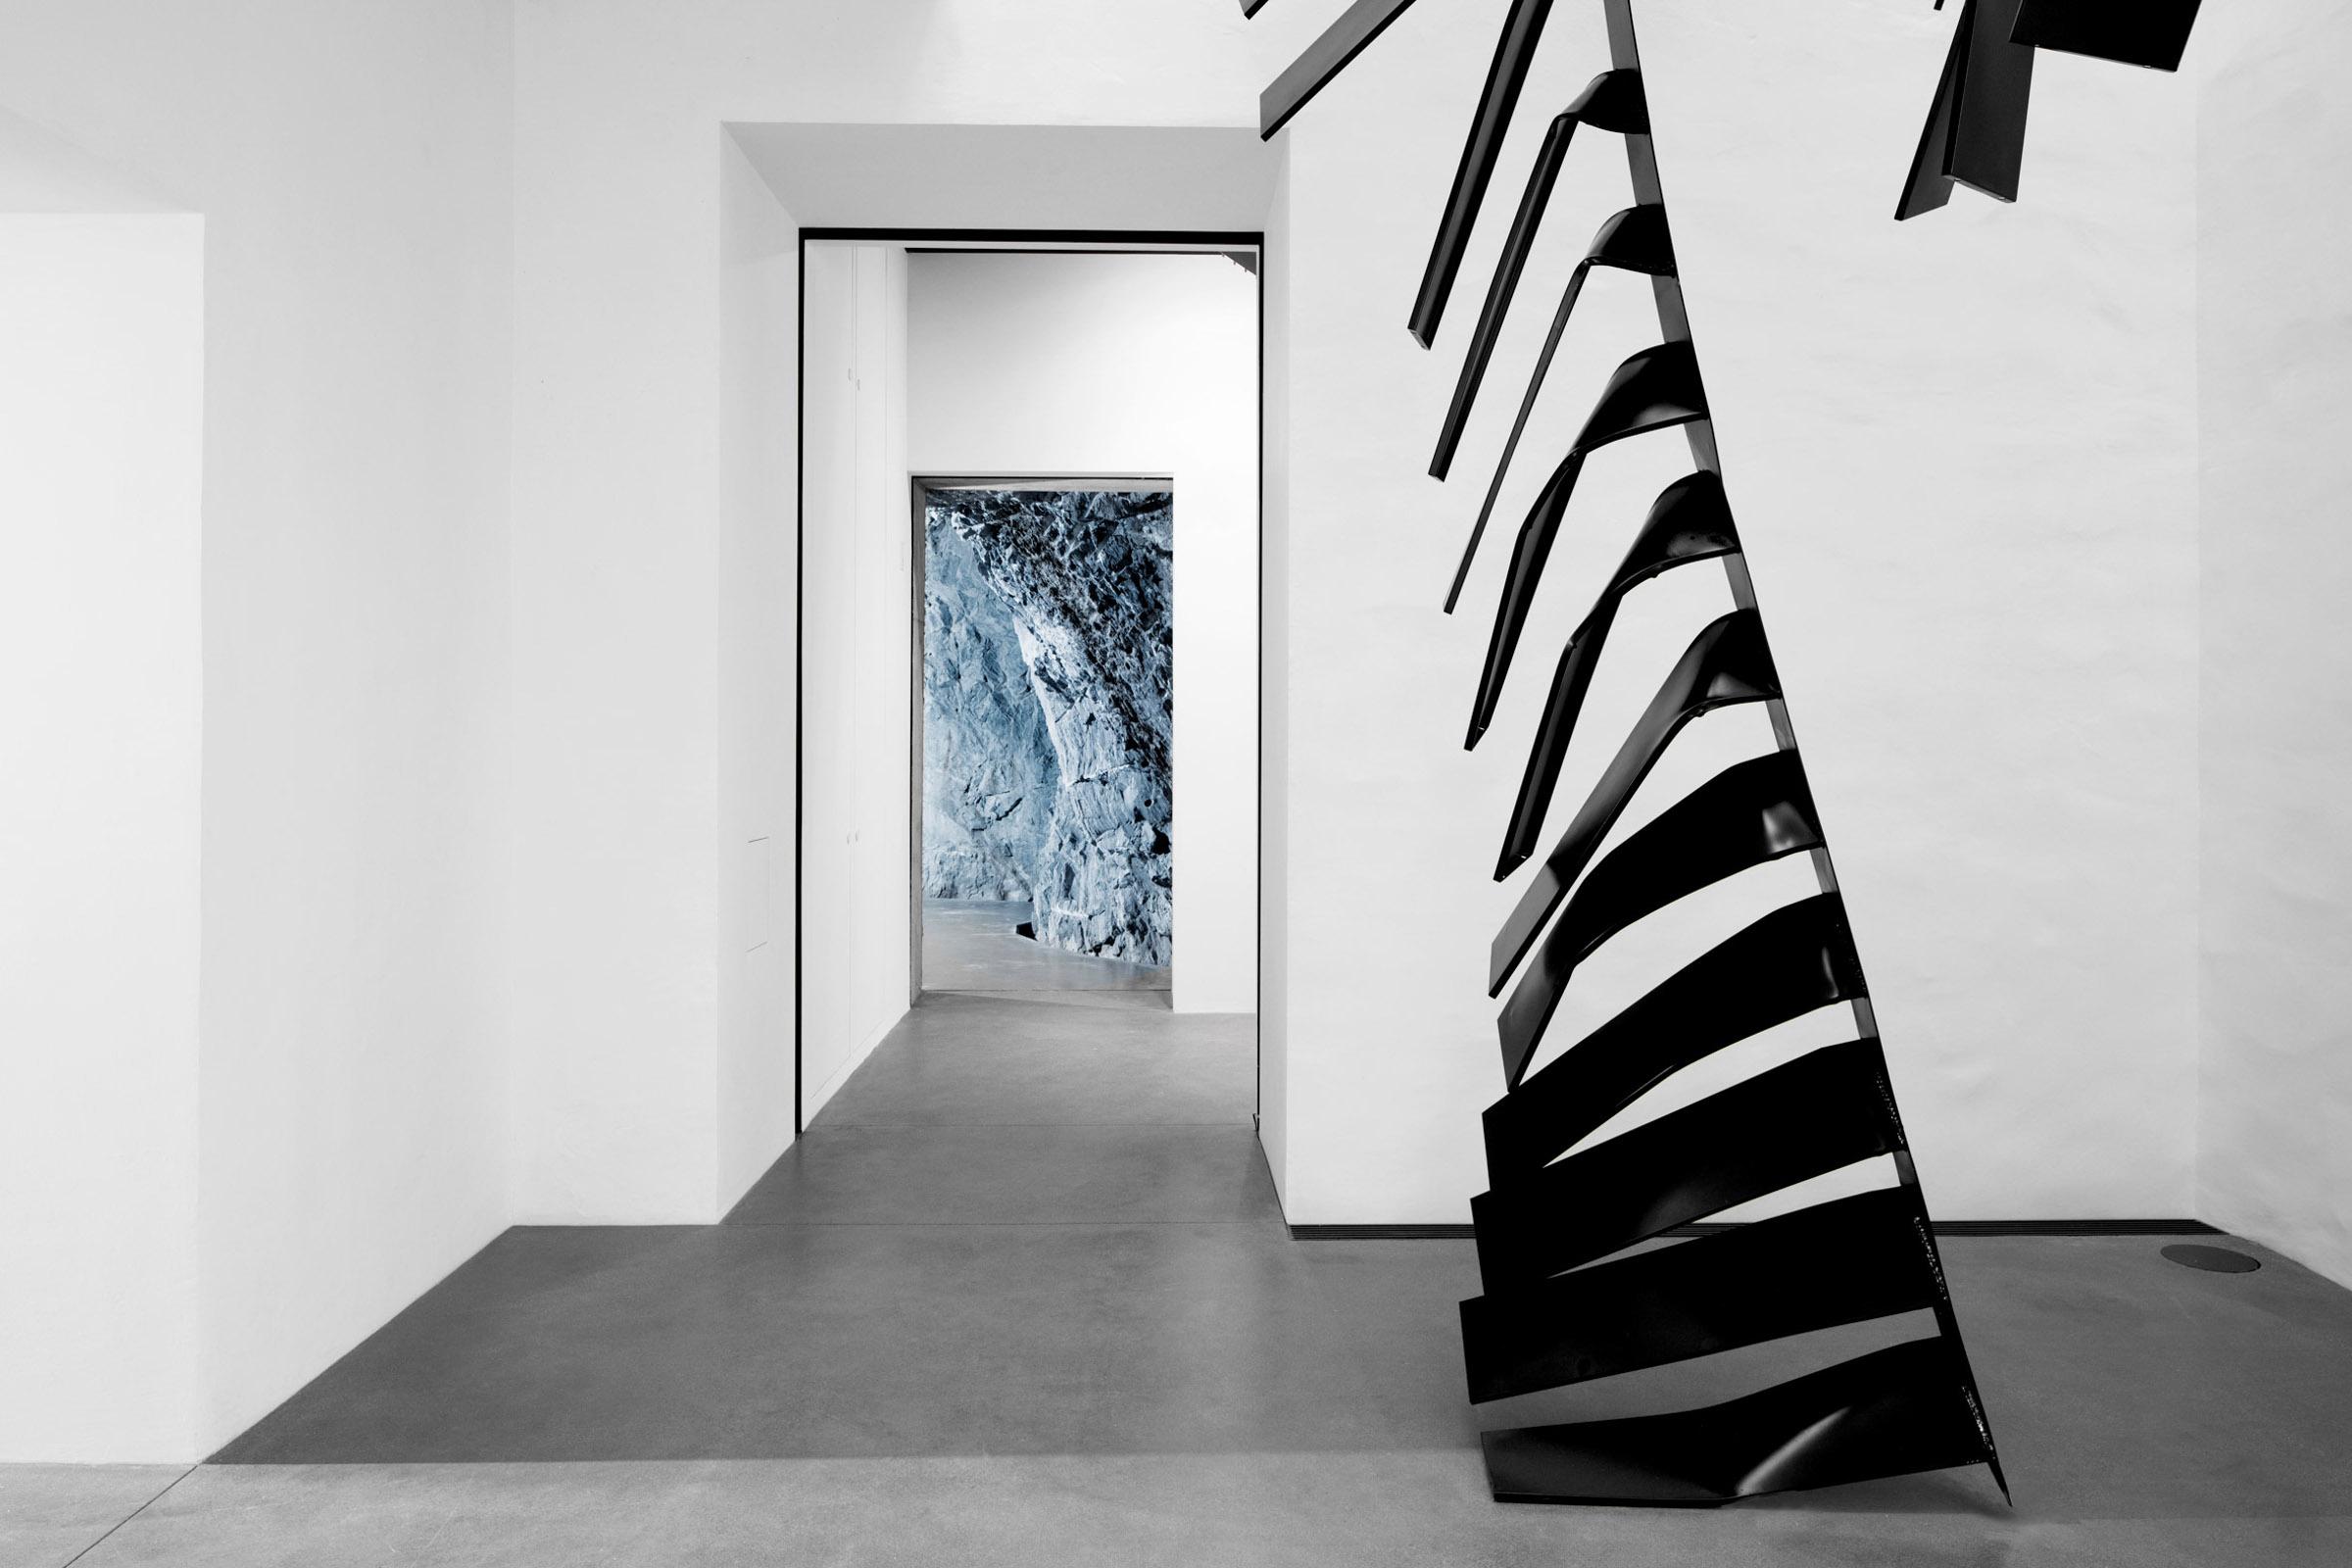 muzeum-susch-chasper-schmidlin-lukas-voellmy-subterranean-museum-architecture-switzerland_dezeen_2364_col_6